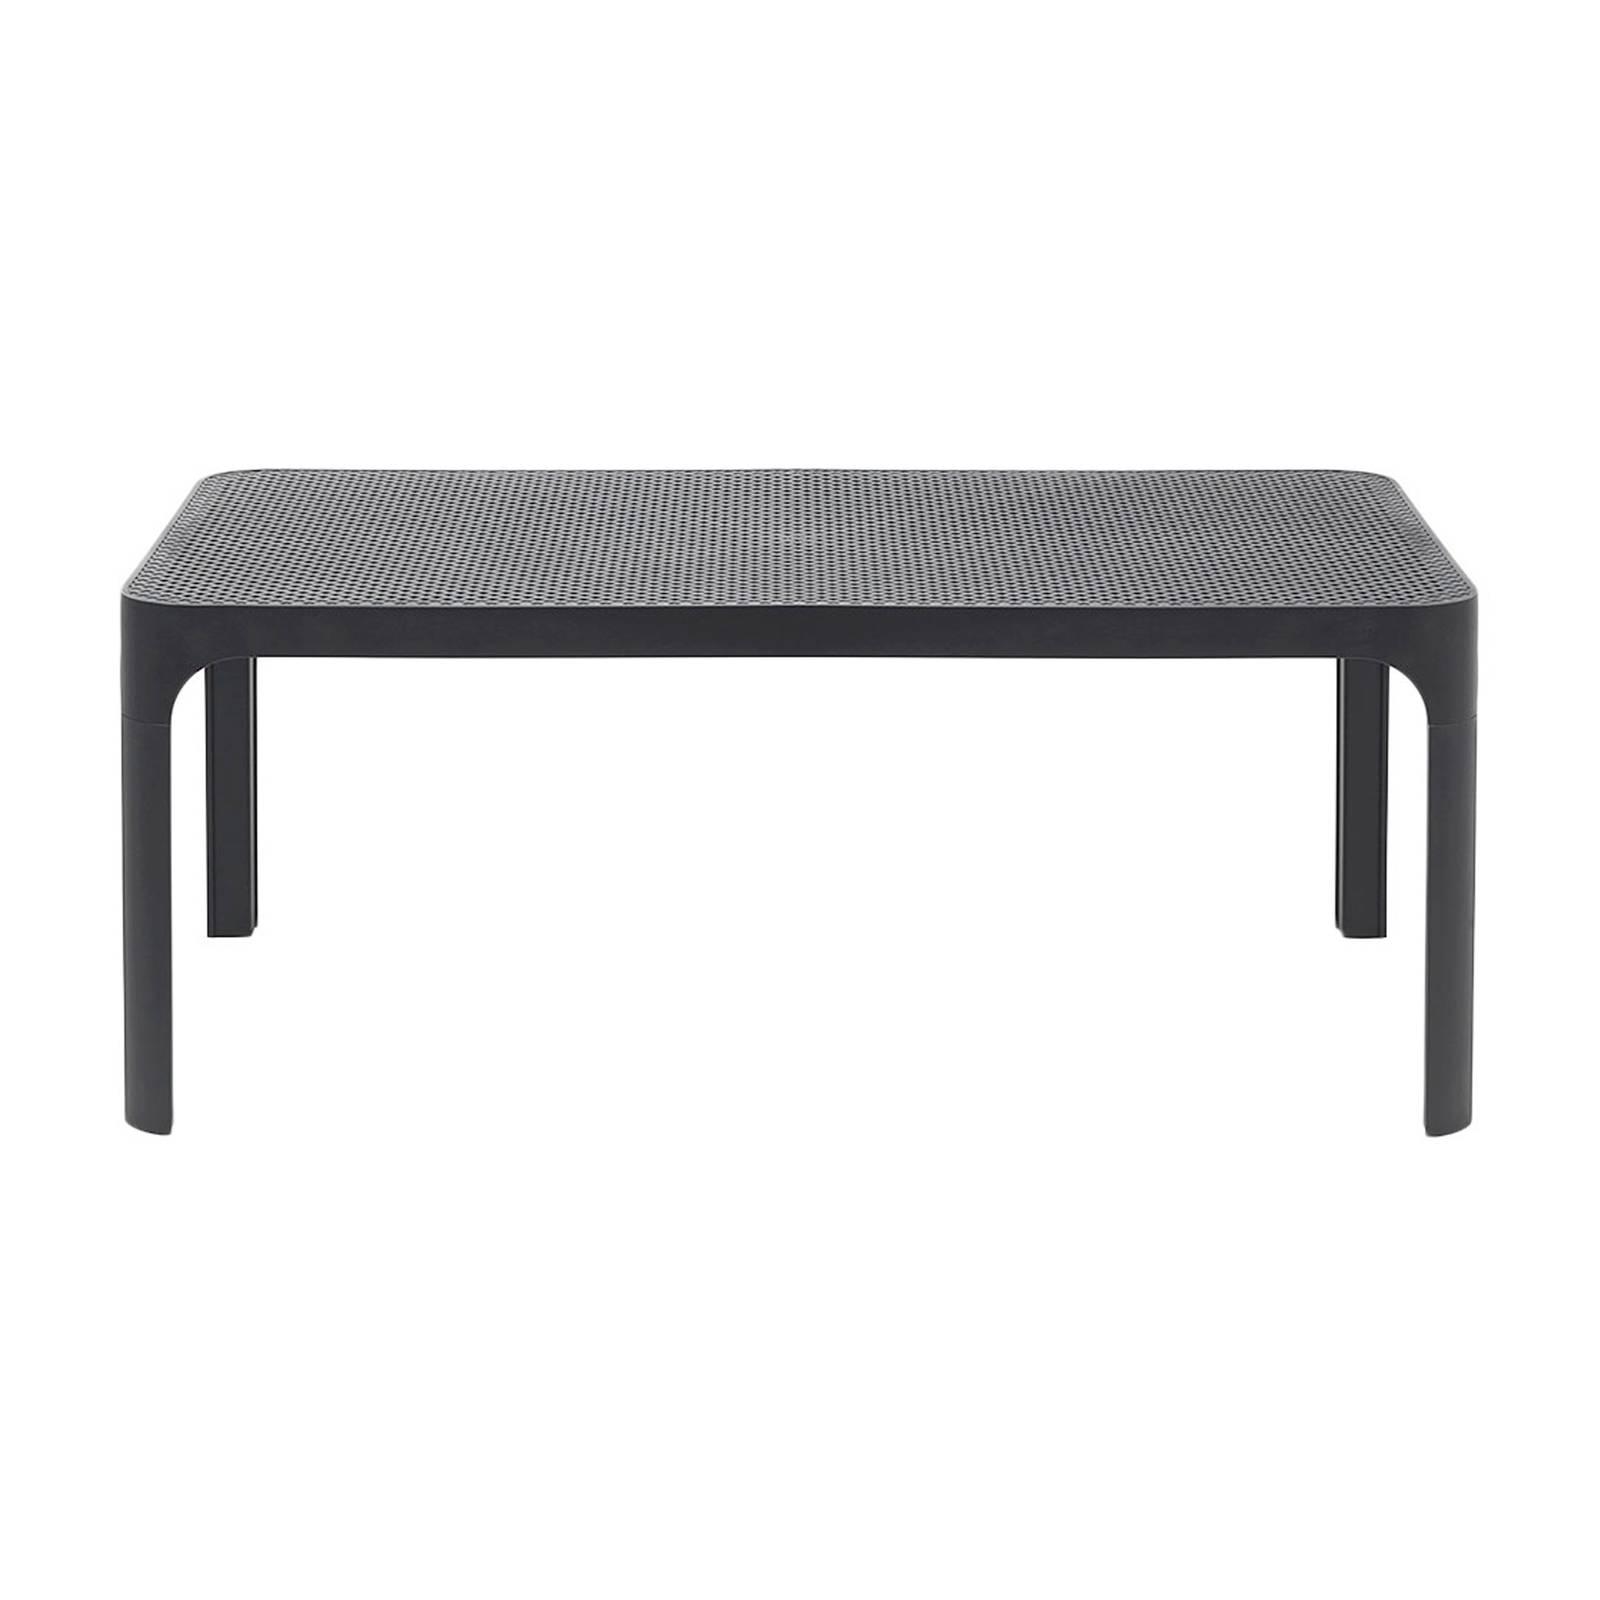 Stół ogrodowy Net Antracite 100 x 60 cm NARDI